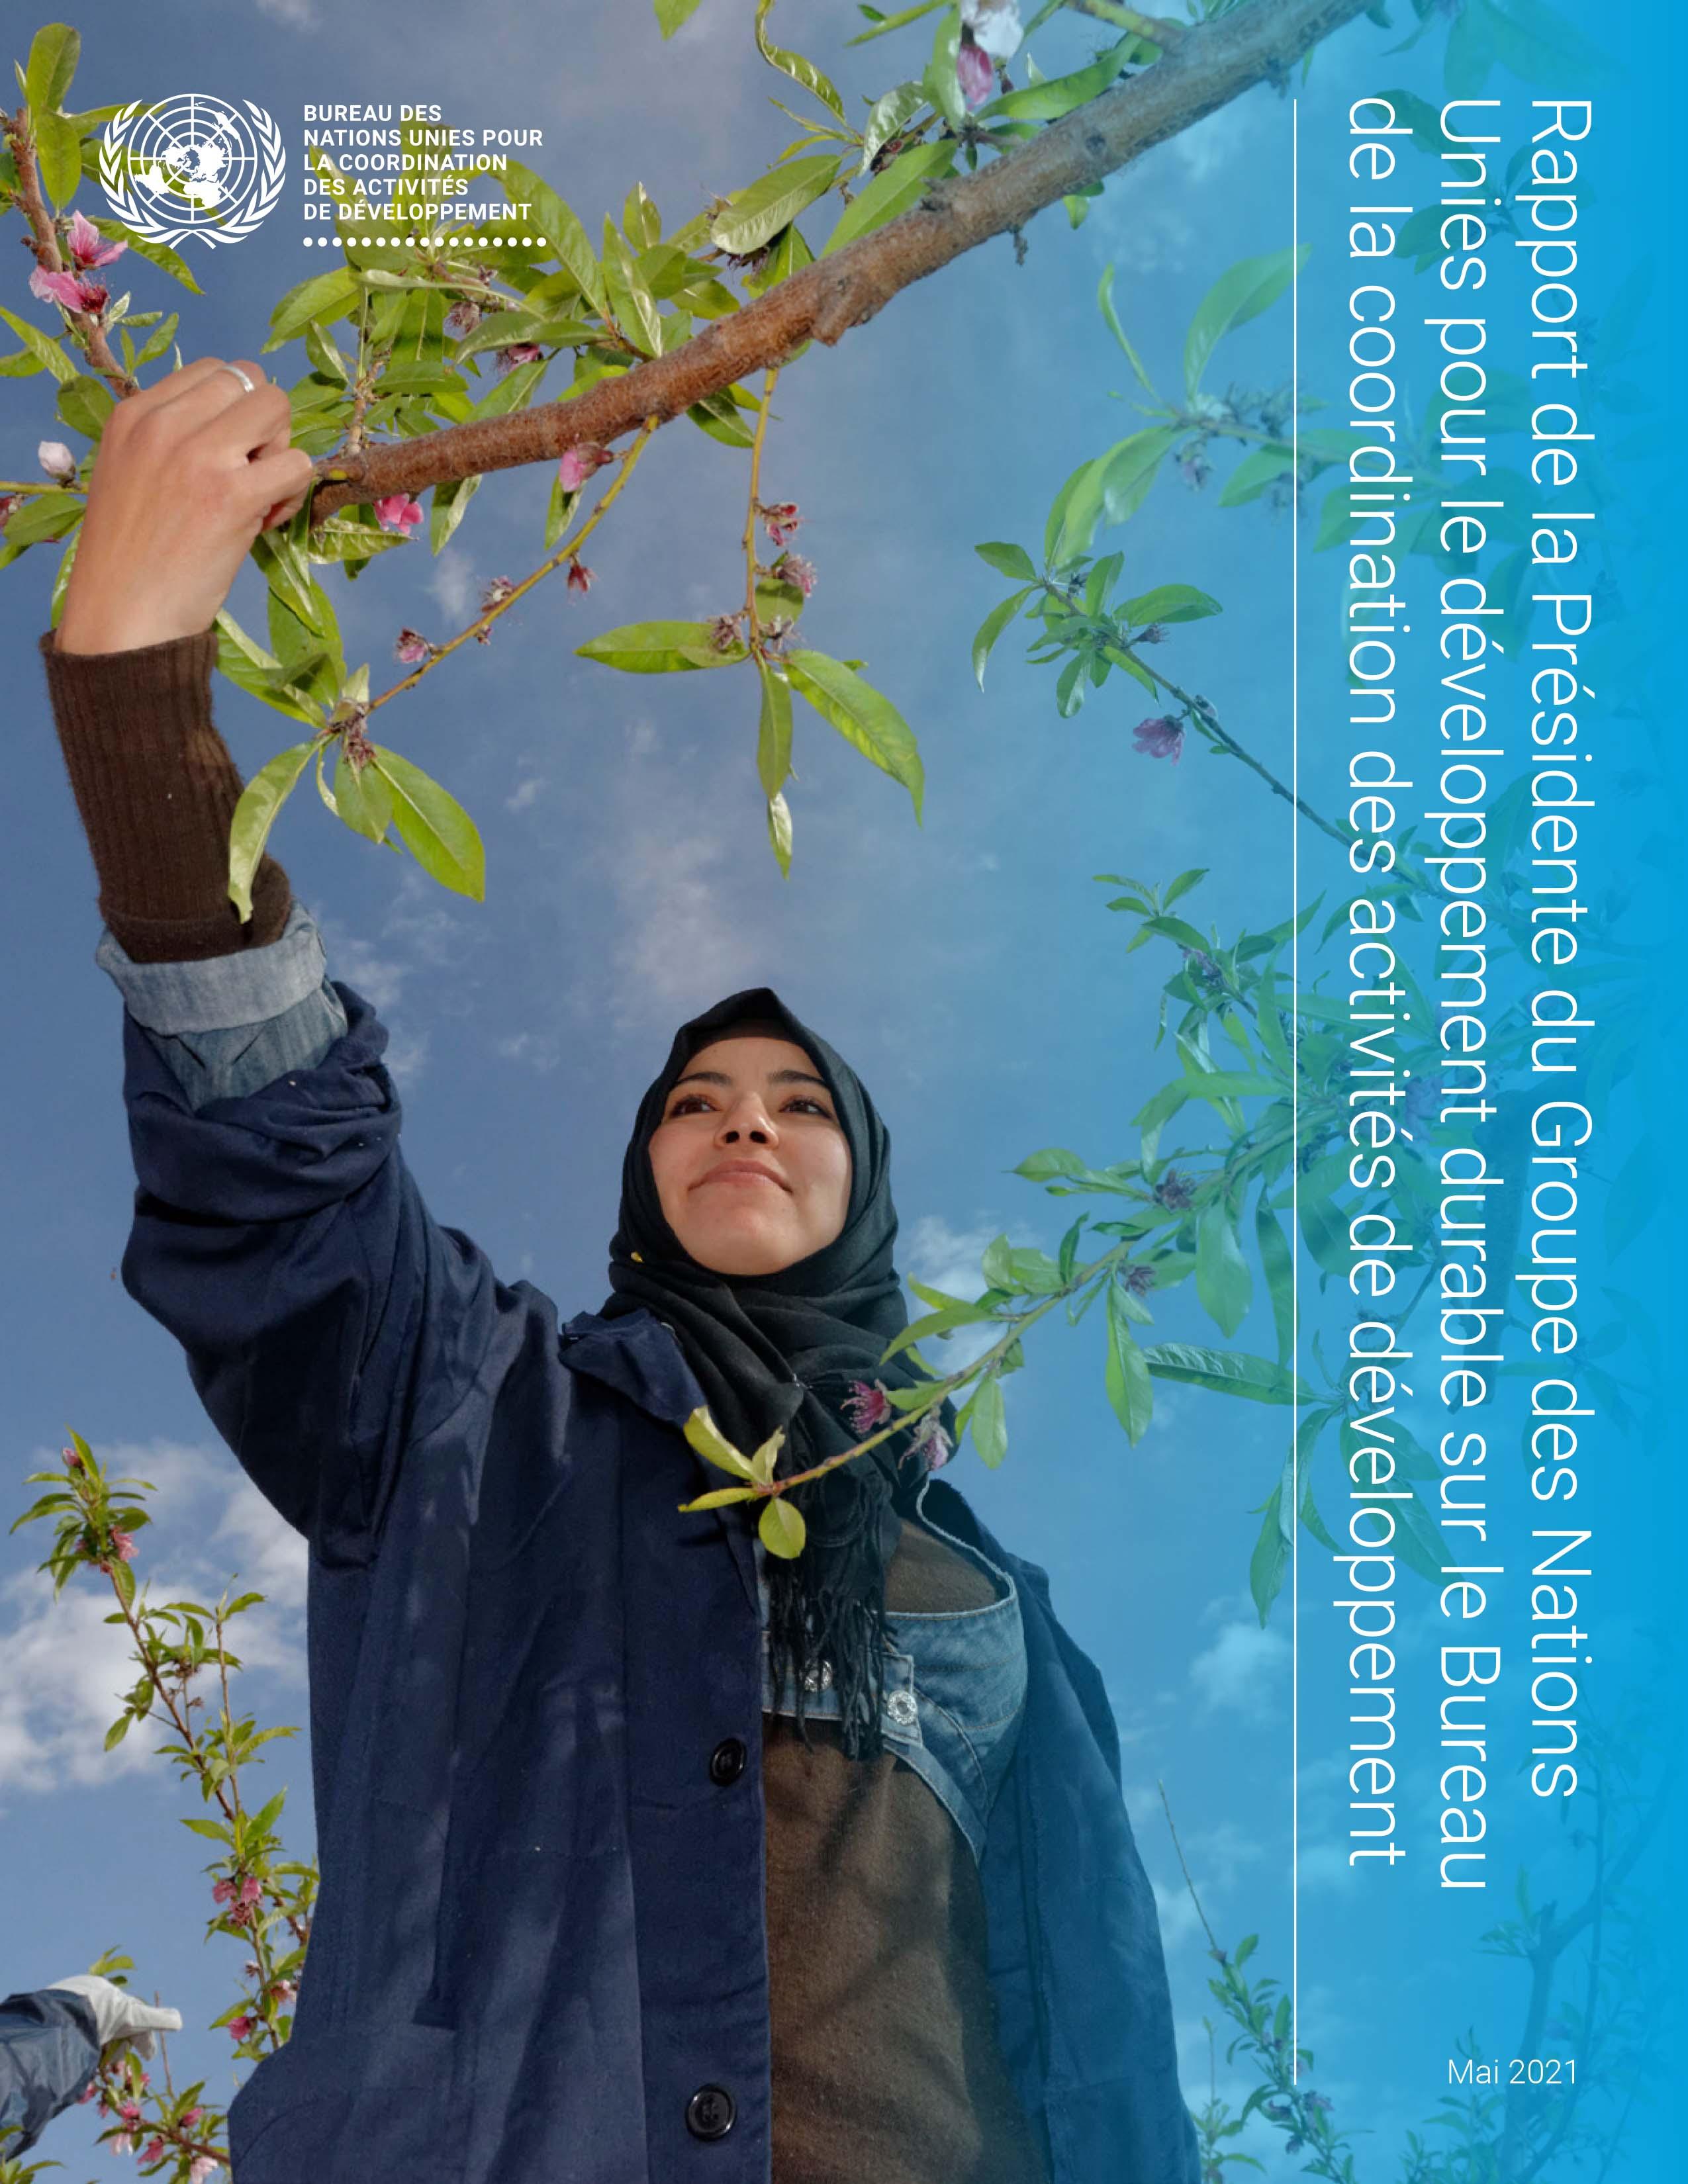 Rapport de la Présidente du Groupe des Nations Unies pour le développement durable sur le Bureau de la coordination des activités de développement